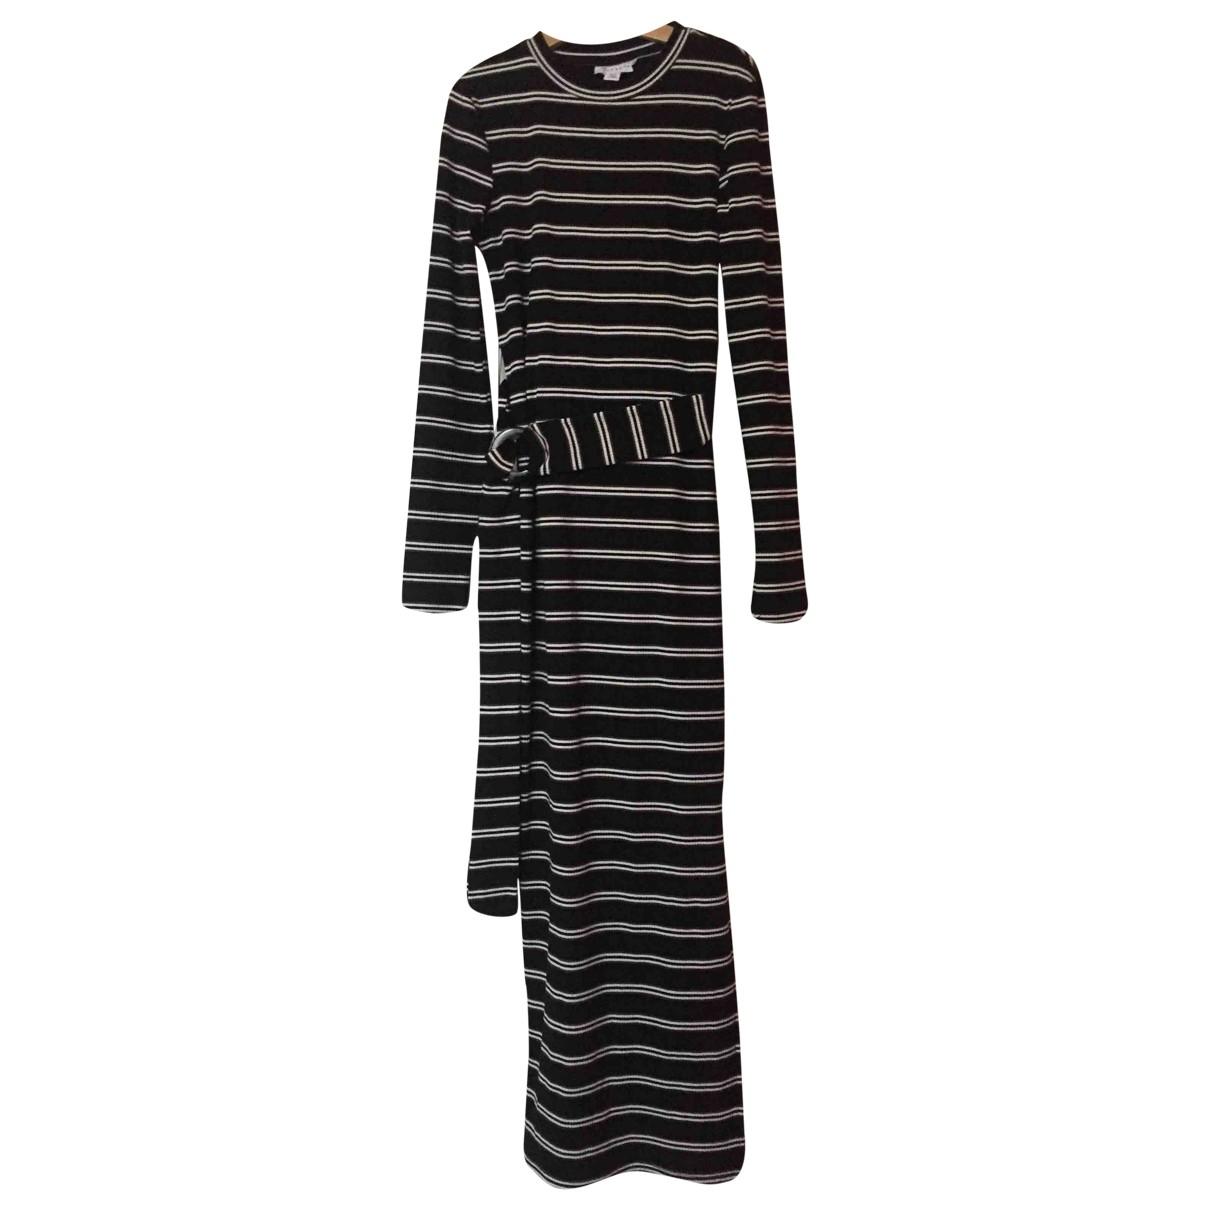 Tophop \N Kleid in  Schwarz Baumwolle